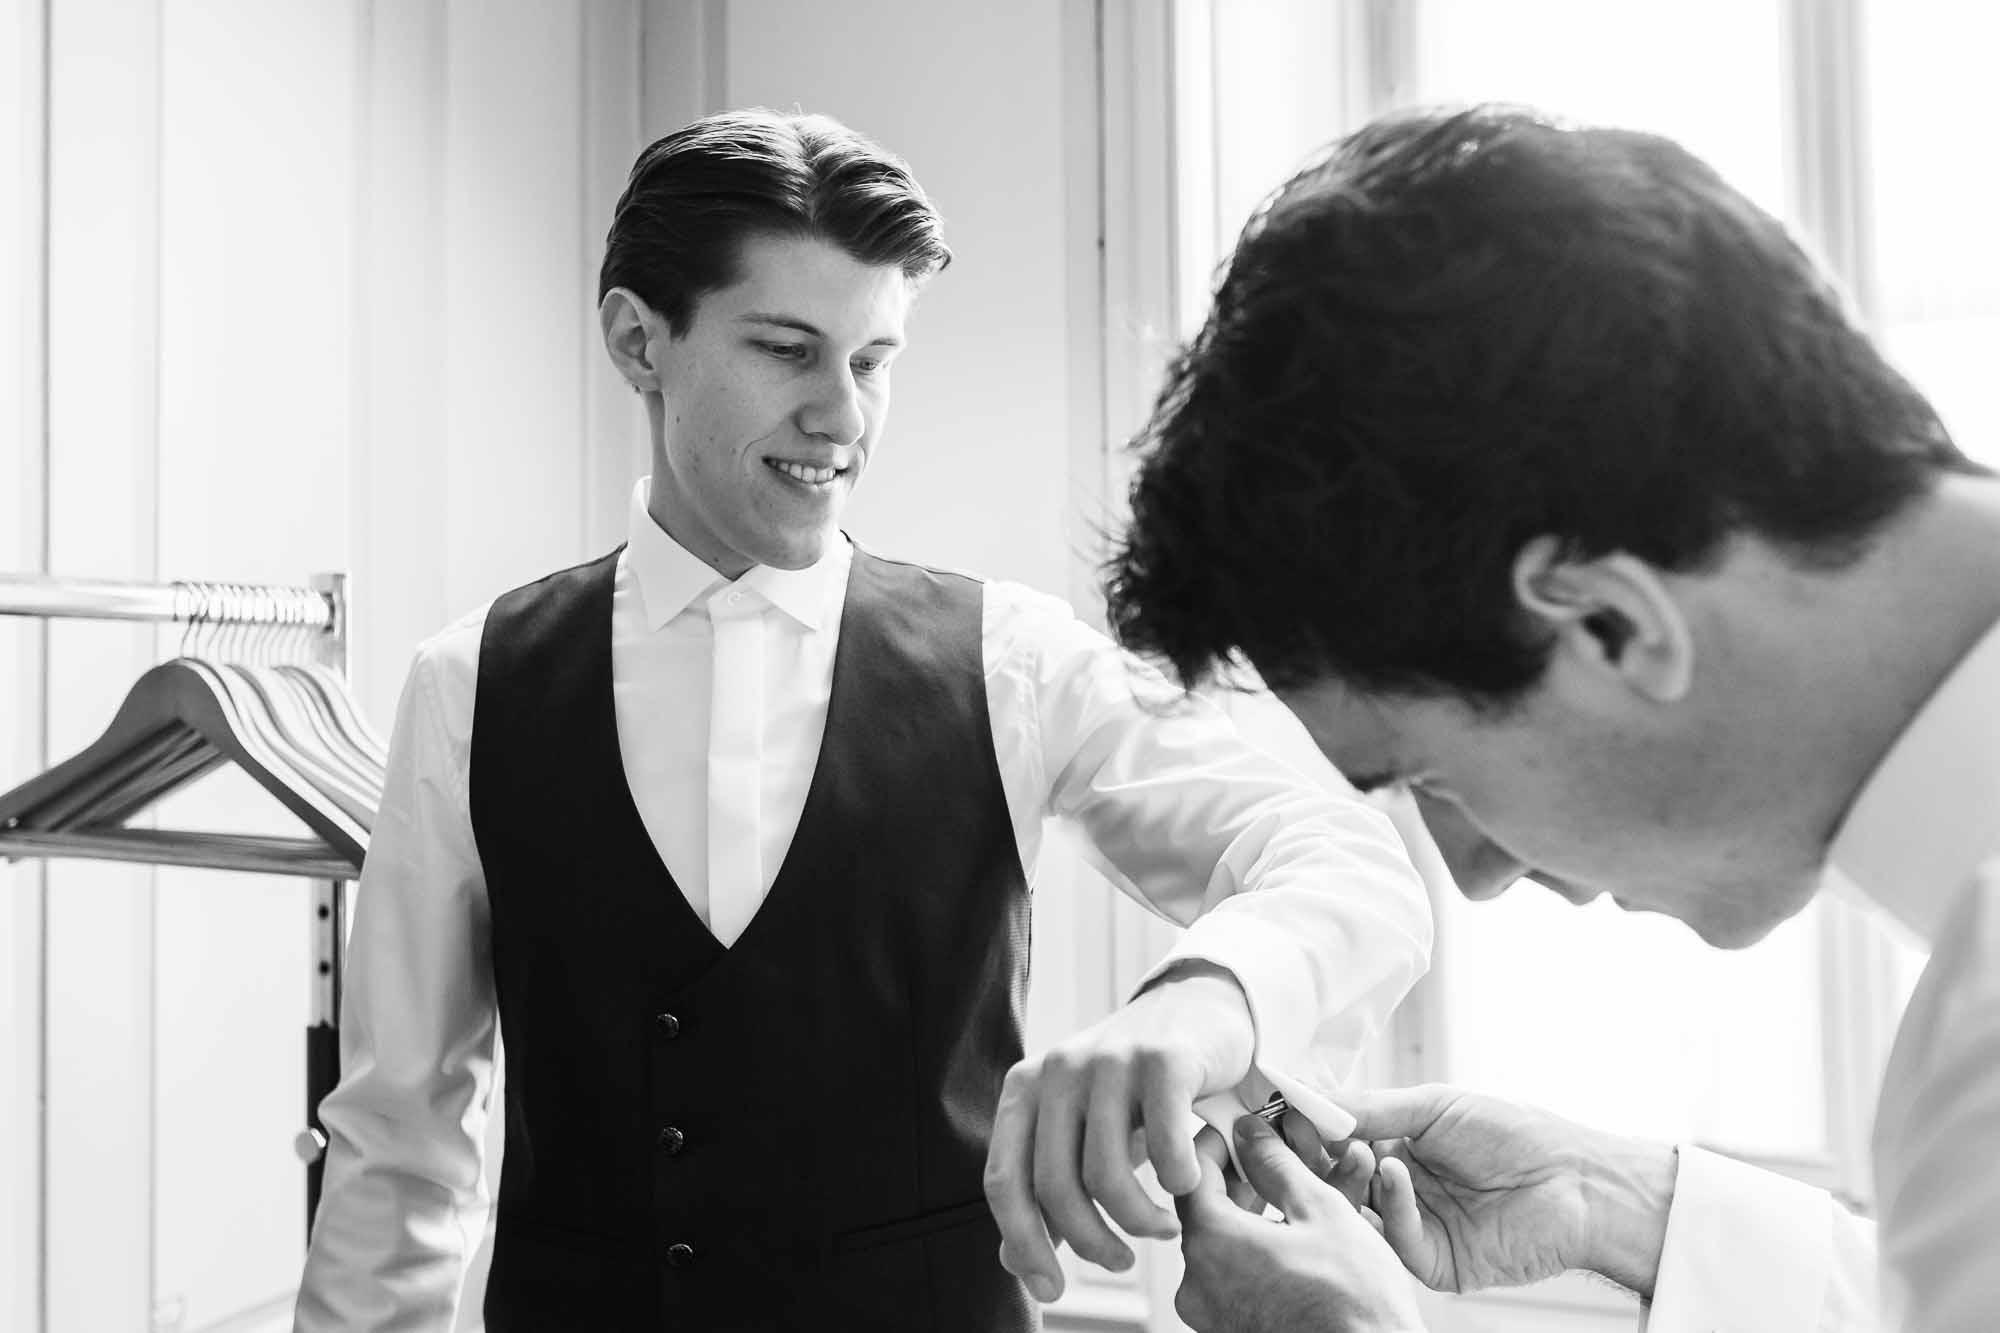 Trauzeuge steckt dem Bräutigam die Manschettenknöpfe an